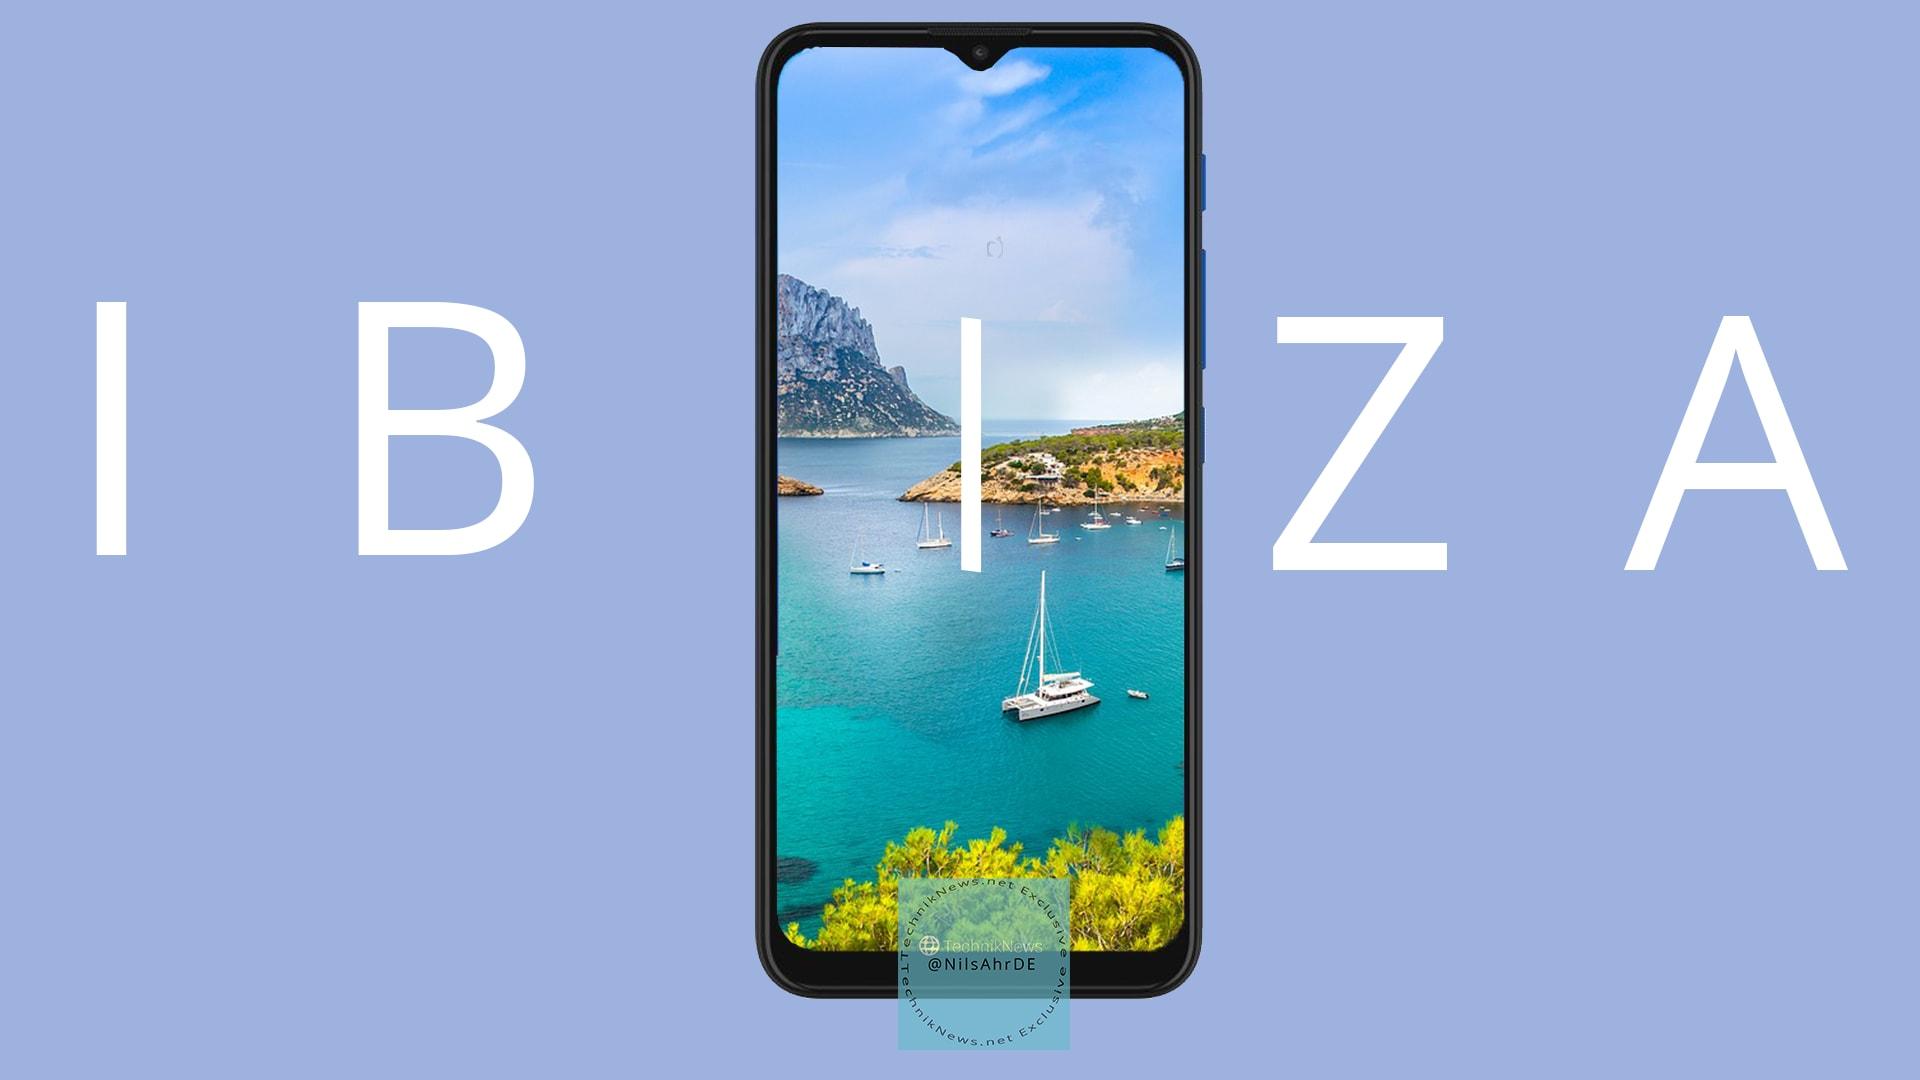 Motorola e la sua indole vacanziera: dopo Capri arriverà Ibiza, l'entry-level 5G